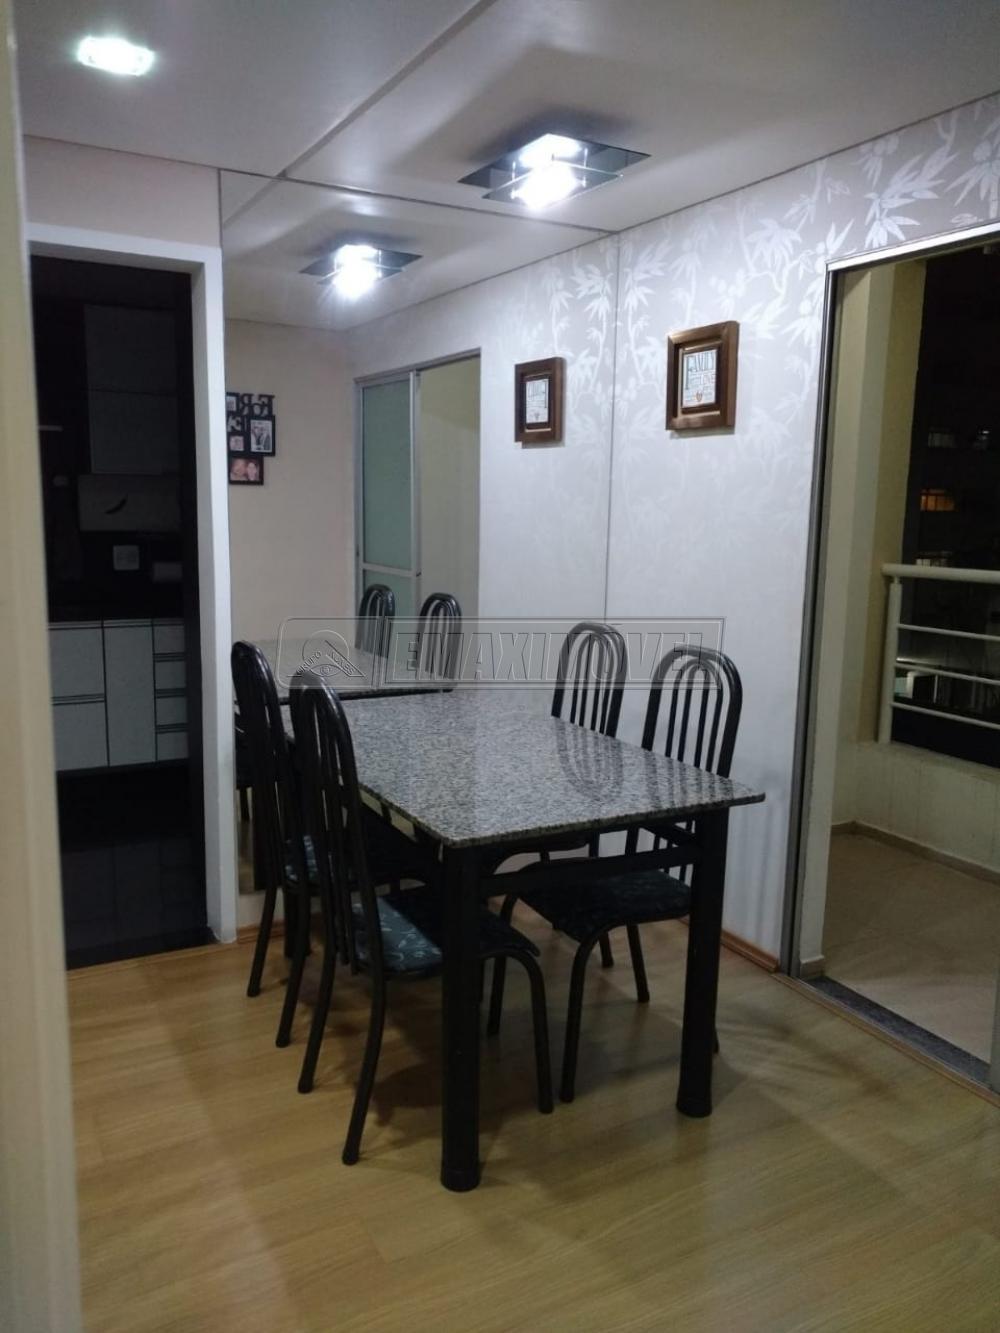 Comprar Apartamentos / Apto Padrão em Sorocaba apenas R$ 260.000,00 - Foto 3